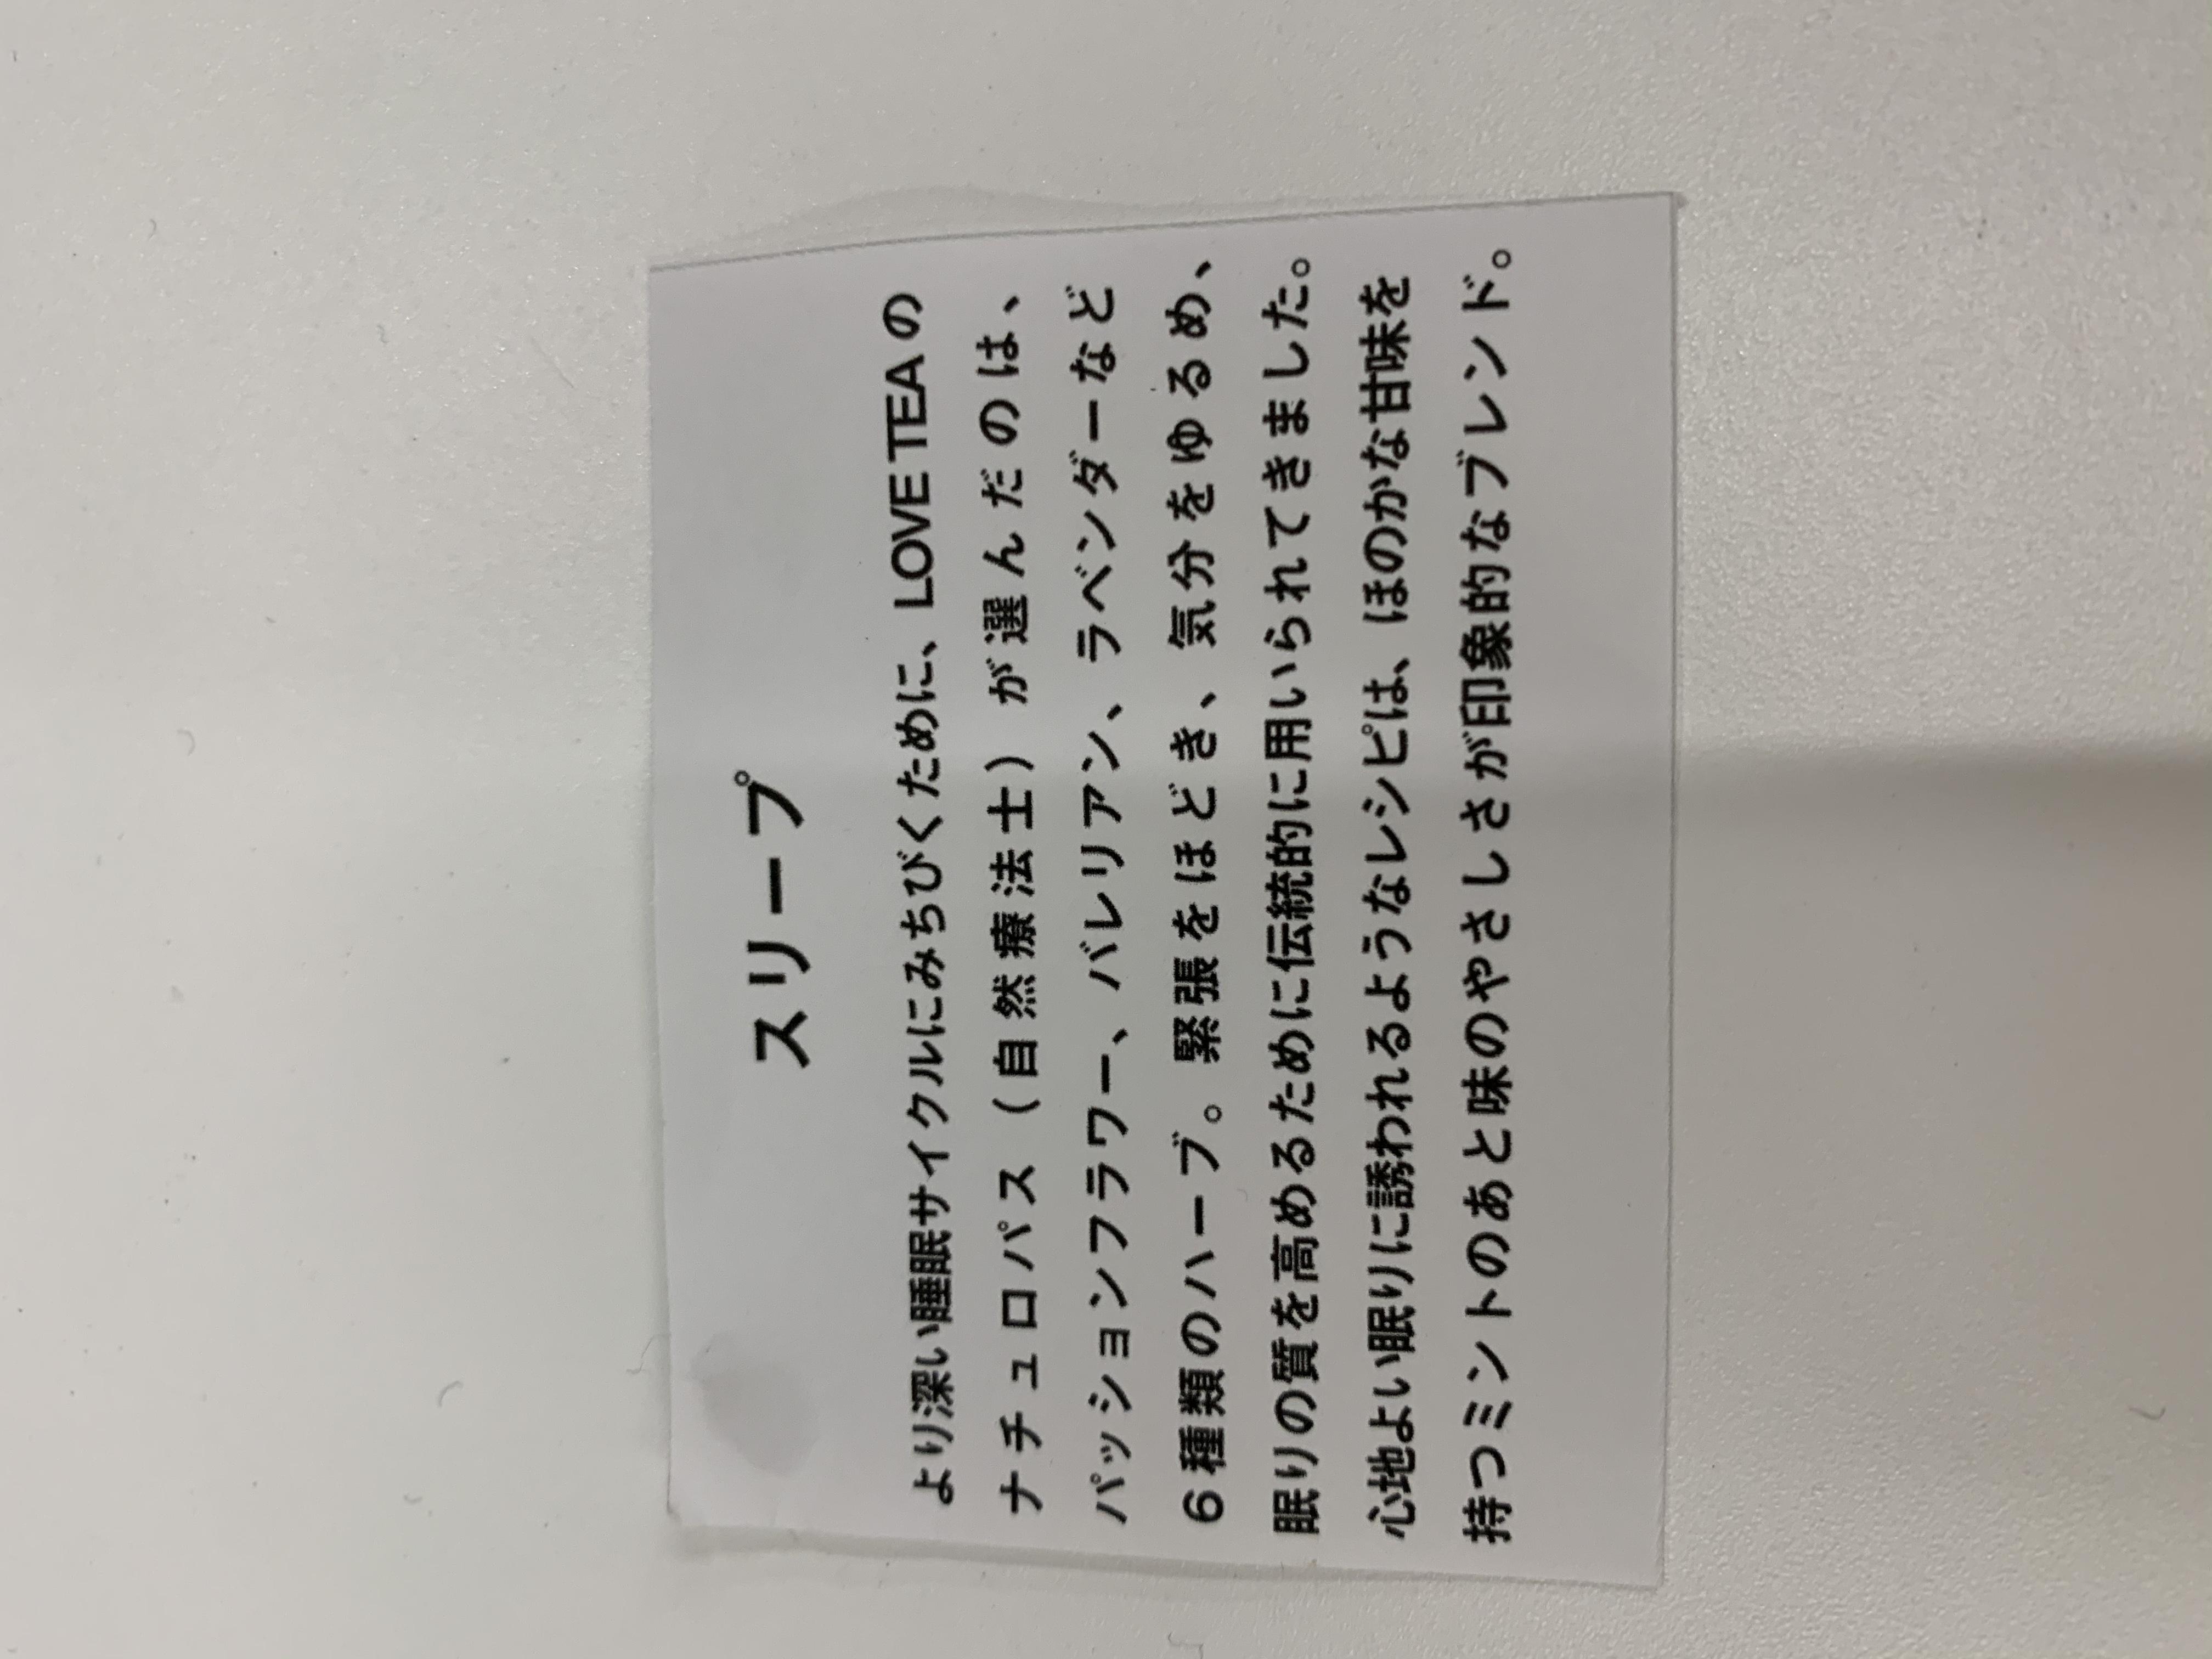 4F1B7A91-DAEB-4805-B2FB-B3783FFE2459